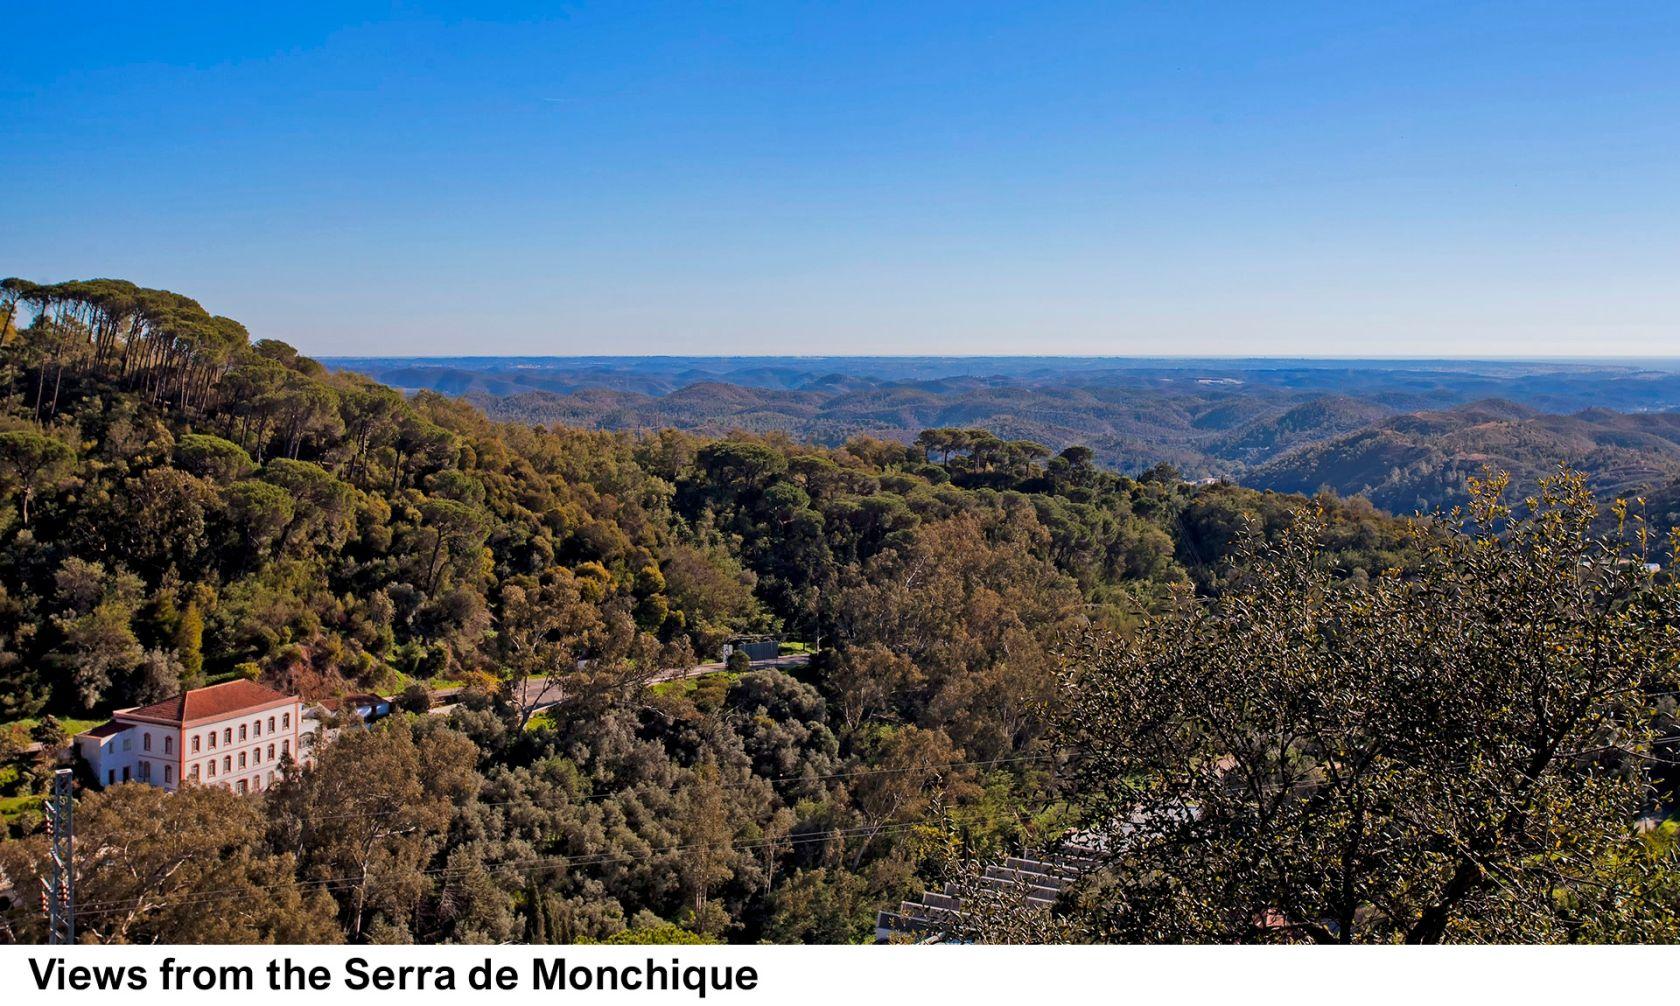 Views from the Serra de Monchique